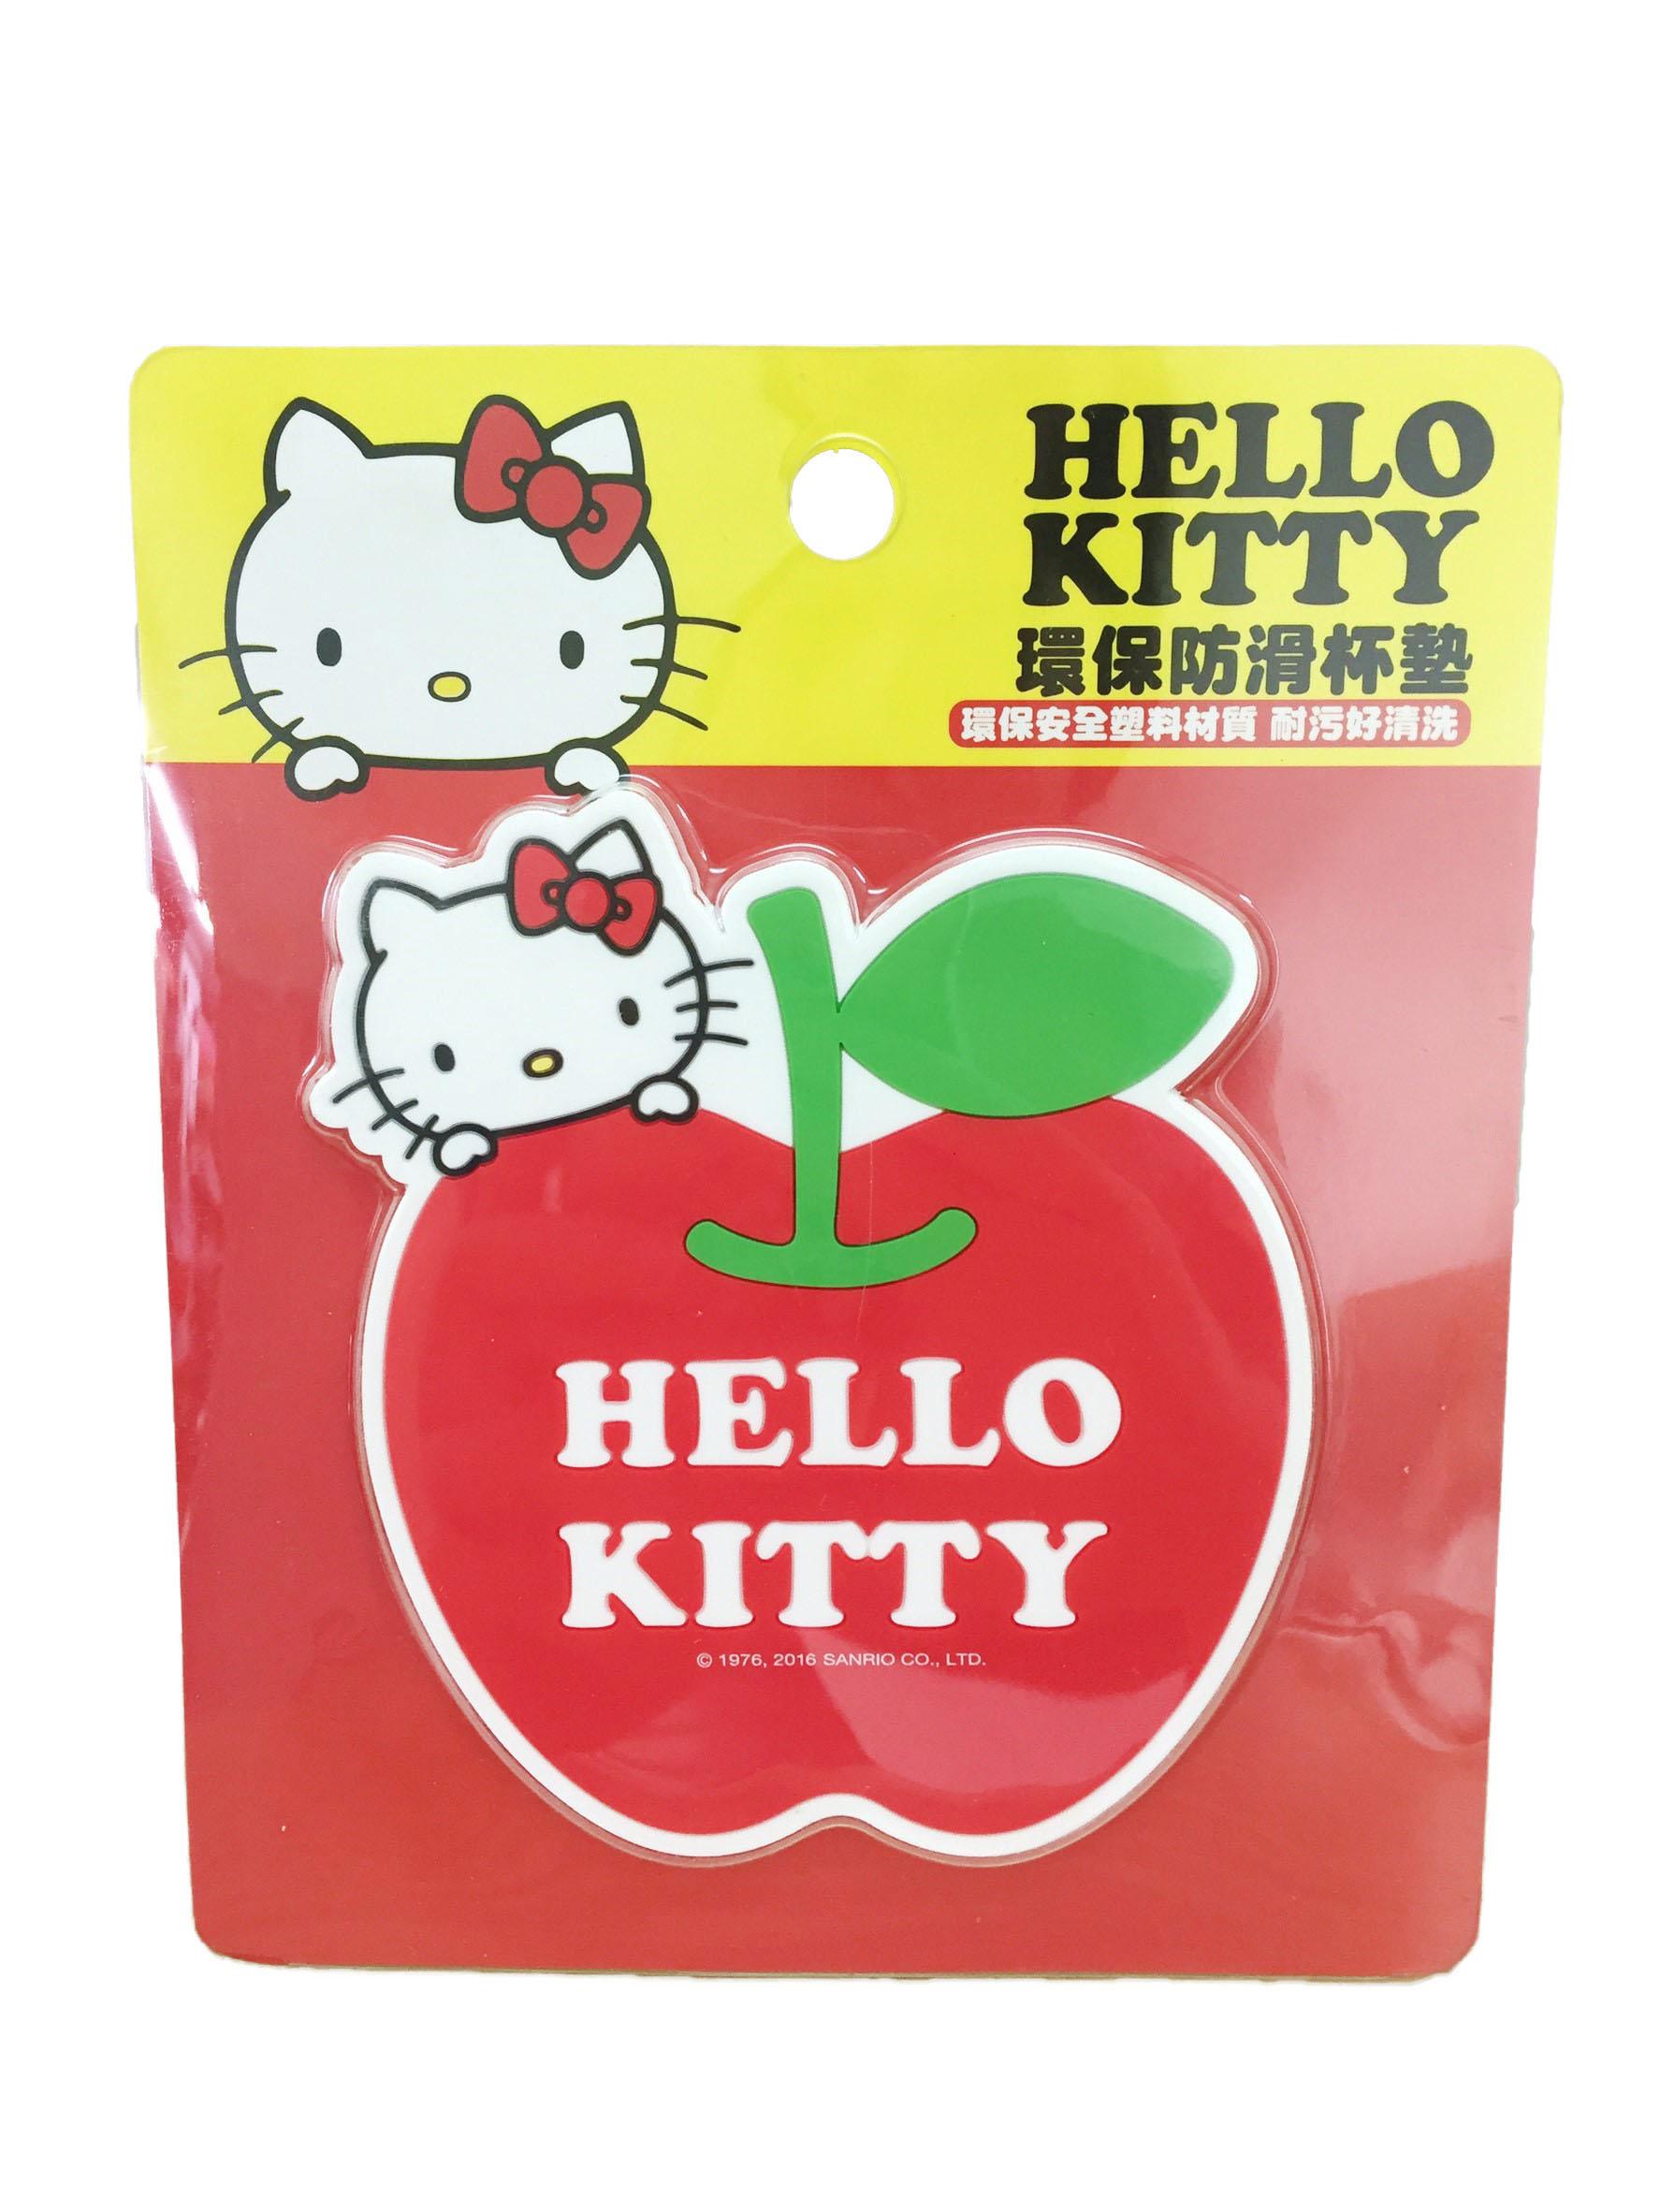 【真愛日本】16072700026環保防滑杯墊-KT蘋果紅  三麗鷗 Hello Kitty 凱蒂貓   杯墊  墊子 止滑